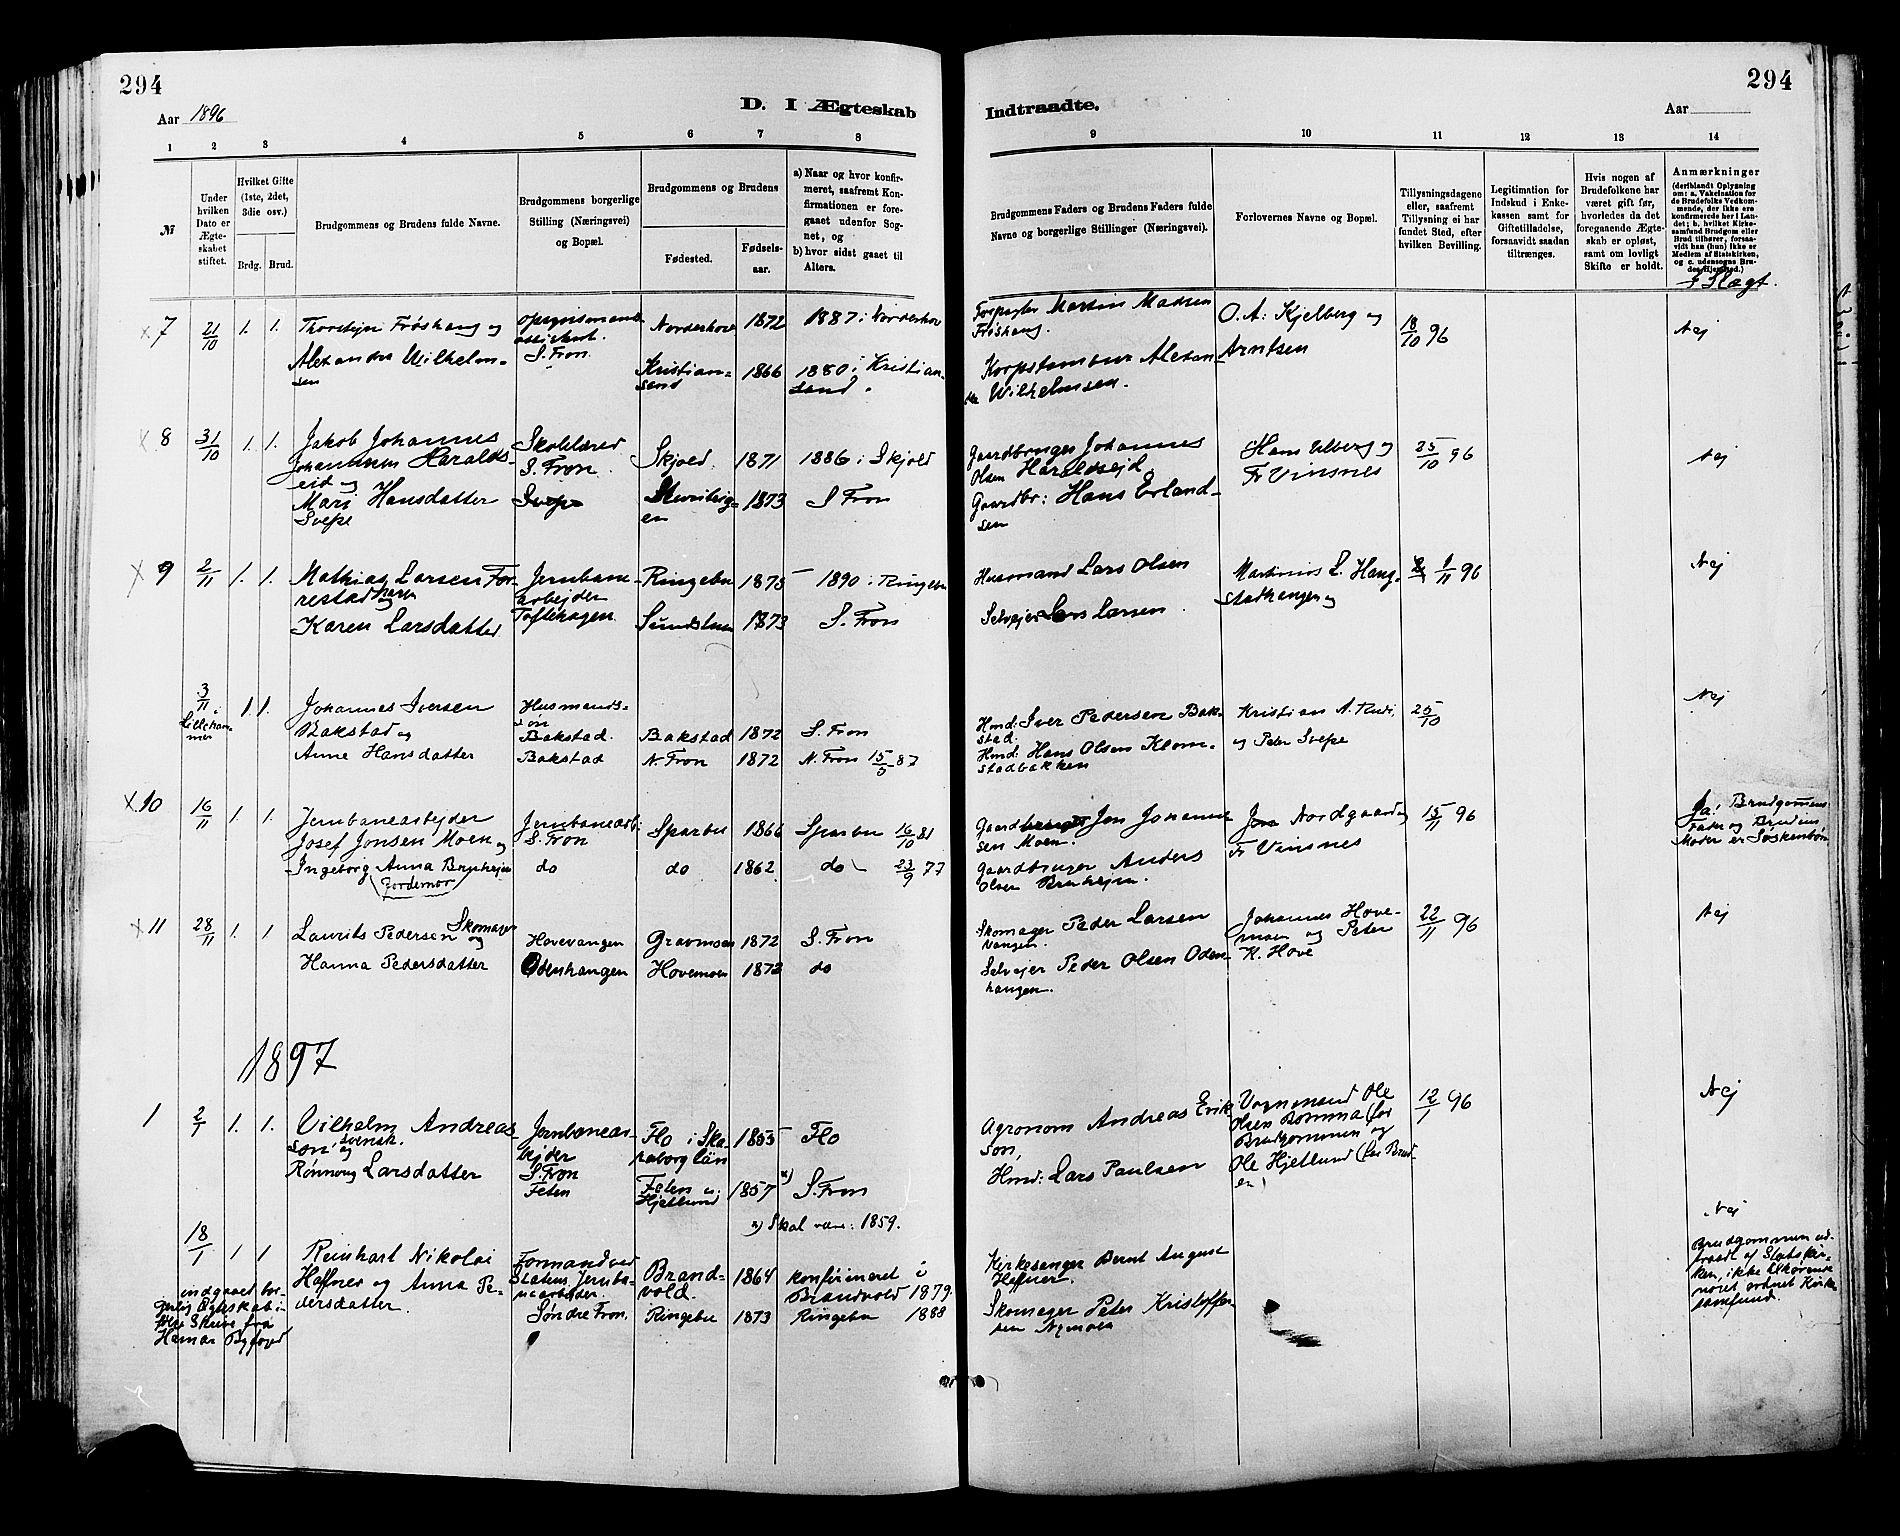 SAH, Sør-Fron prestekontor, H/Ha/Haa/L0003: Ministerialbok nr. 3, 1881-1897, s. 294